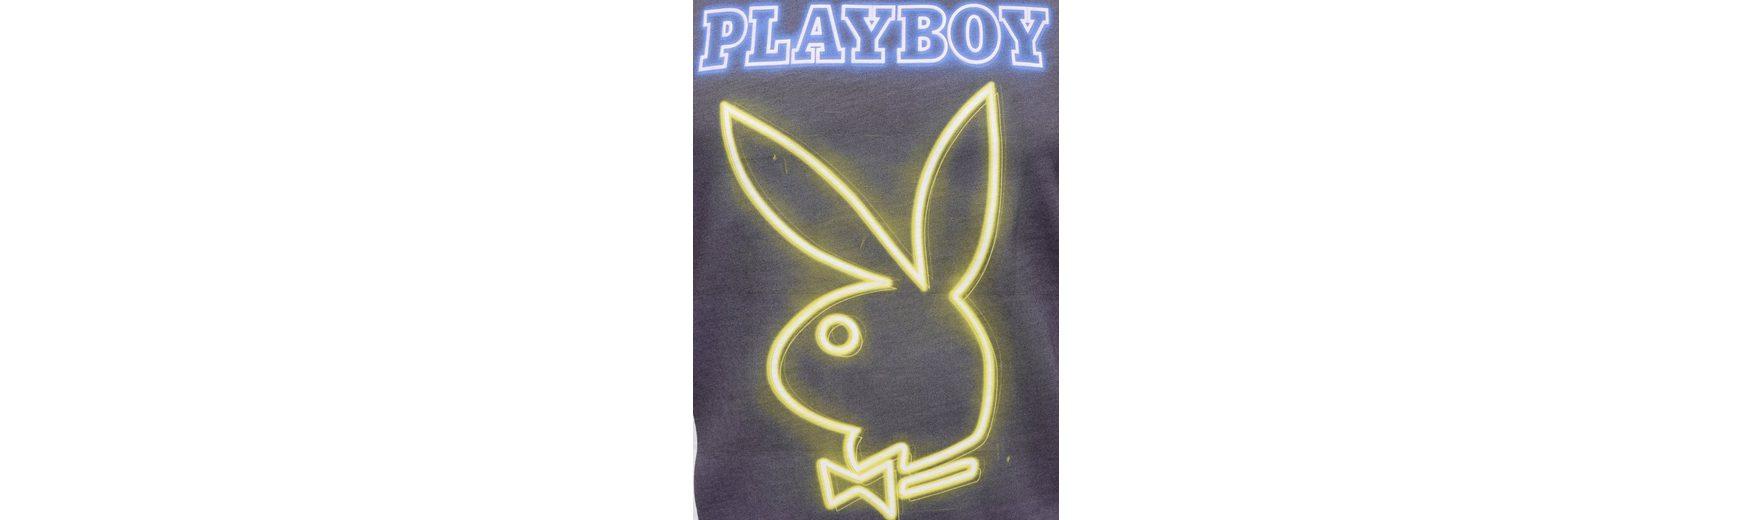 Billig Erschwinglich Playboy T-Shirt mit angesagtem Frontdruck Große Diskont Verkauf Online Günstige Kaufladen Zum Verkauf Günstig Online Billige Browse BLOxBc